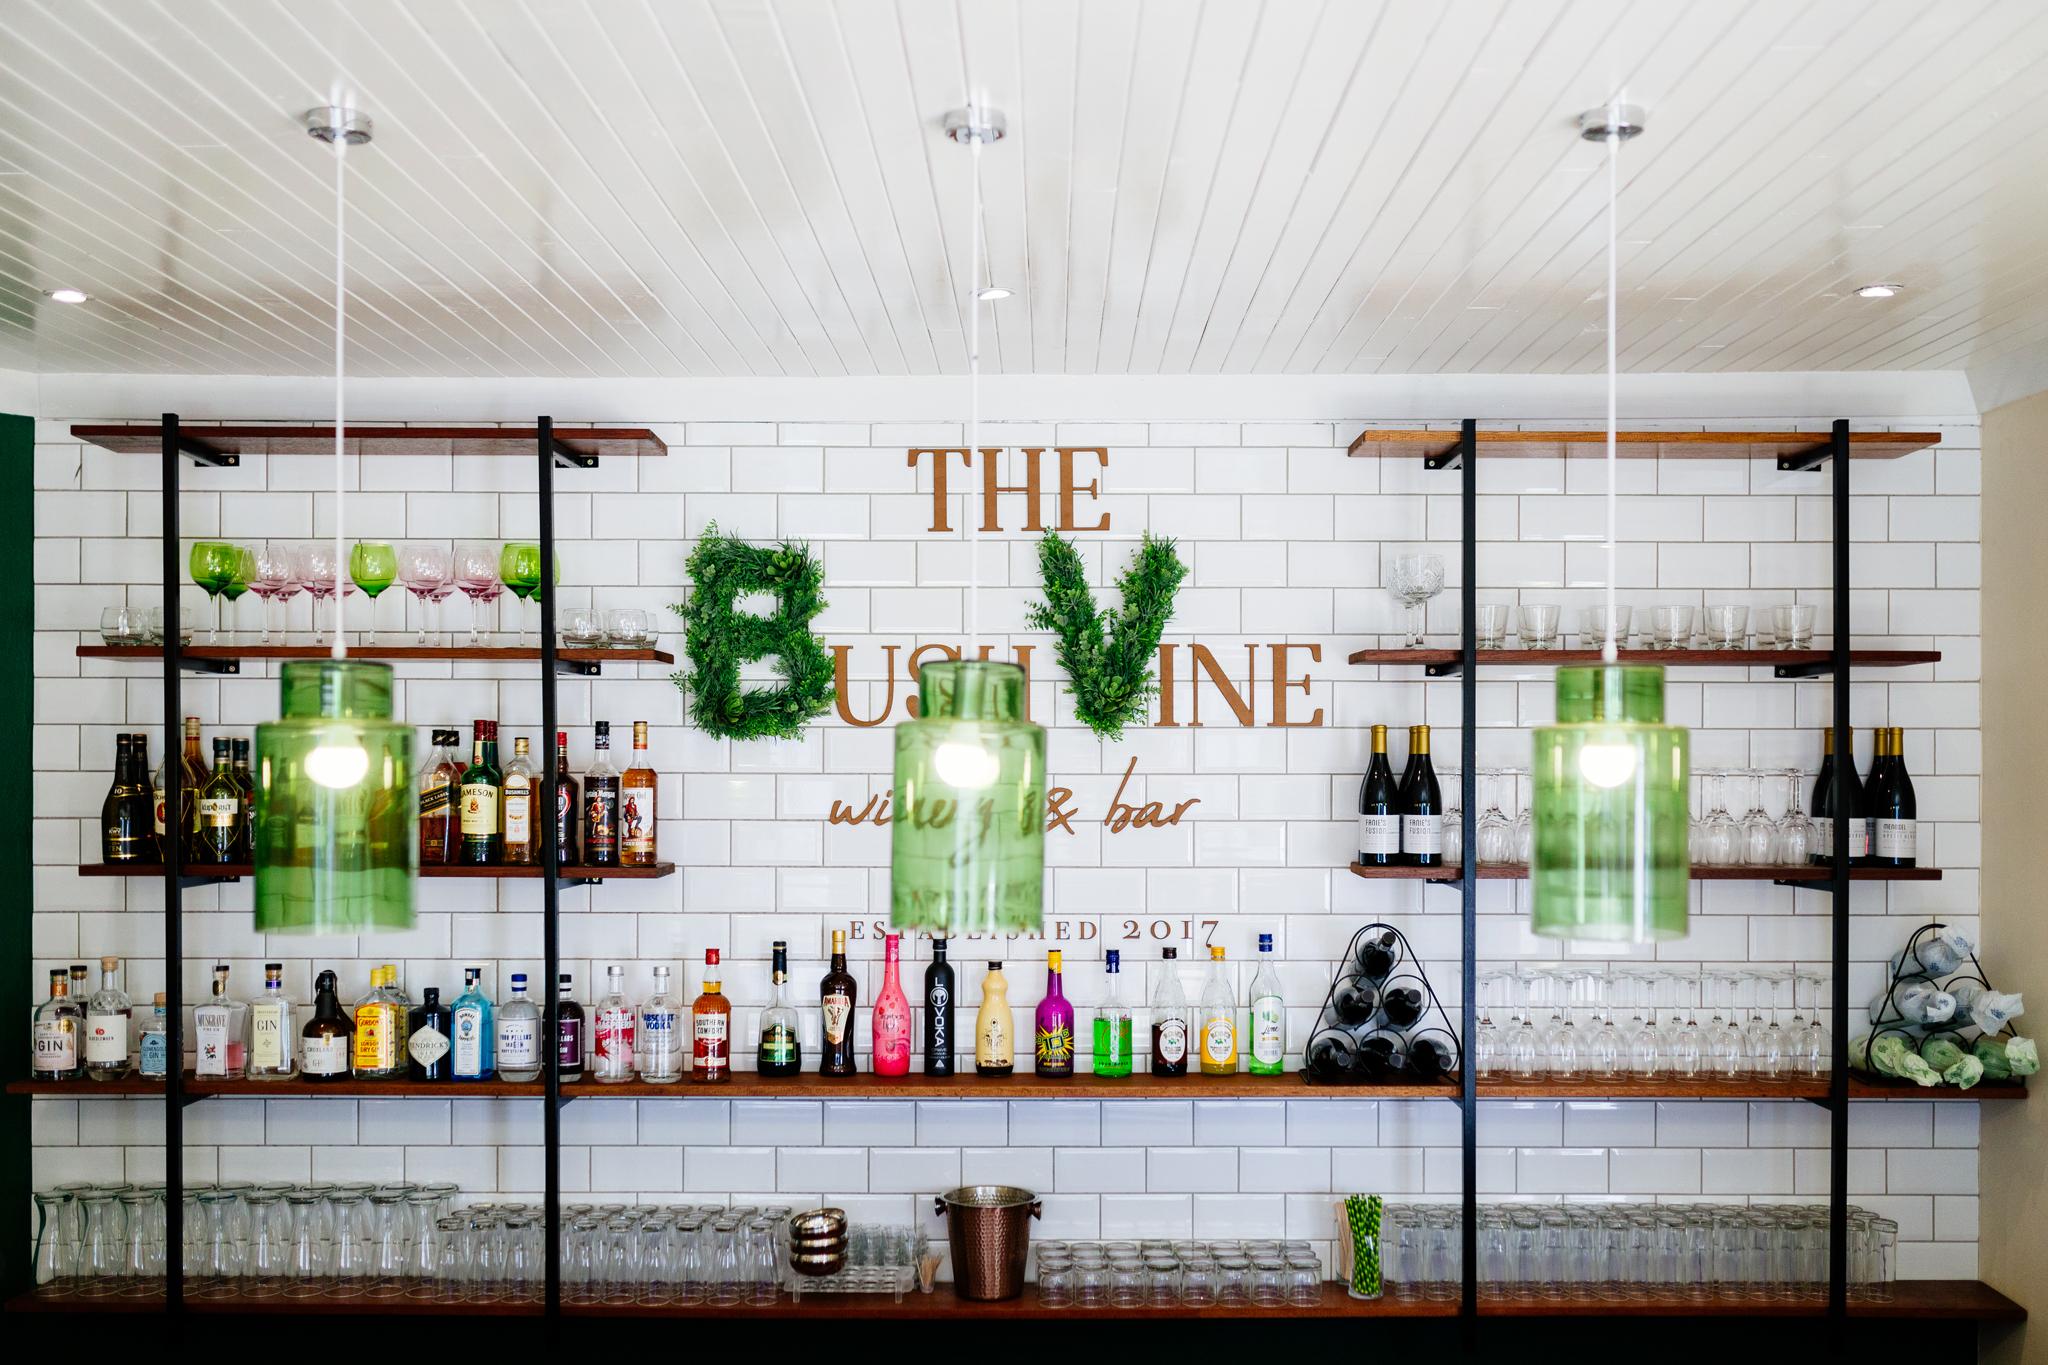 Bush Vine Winery & Bar